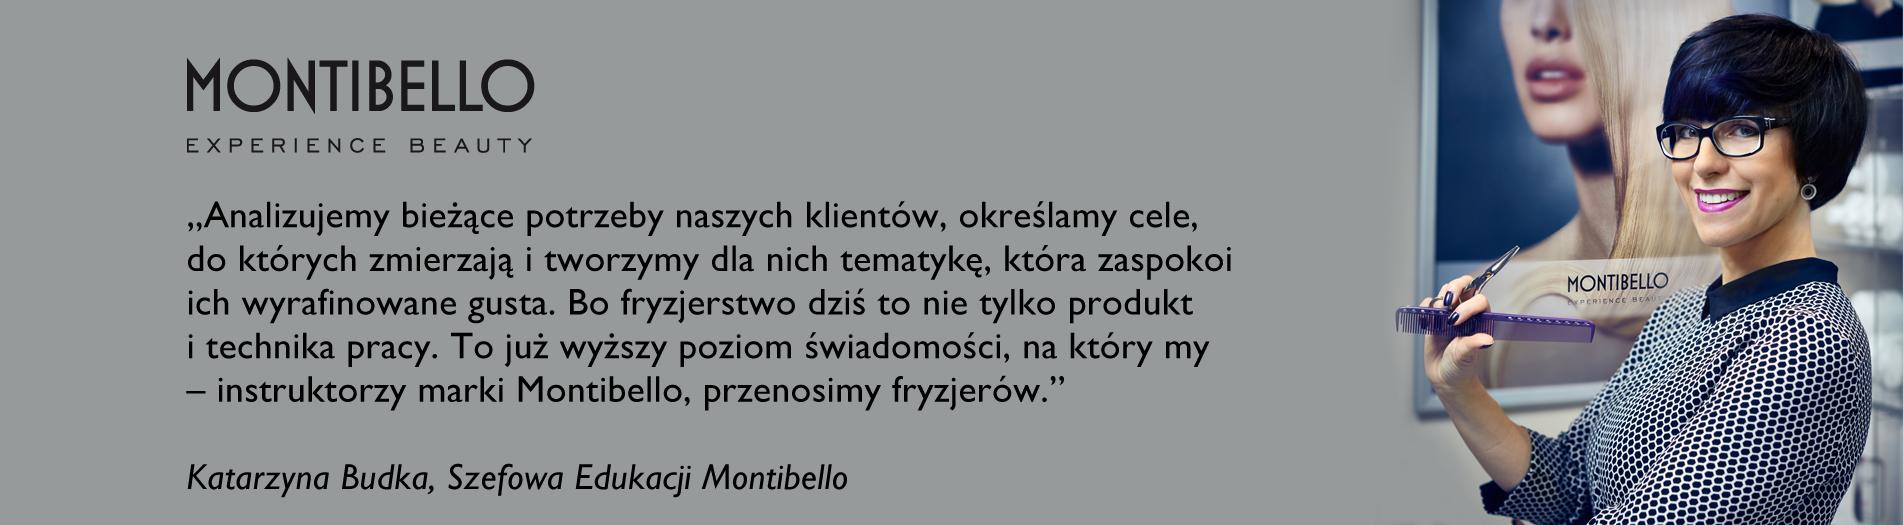 slider_1903x525px_katarzyna-budka